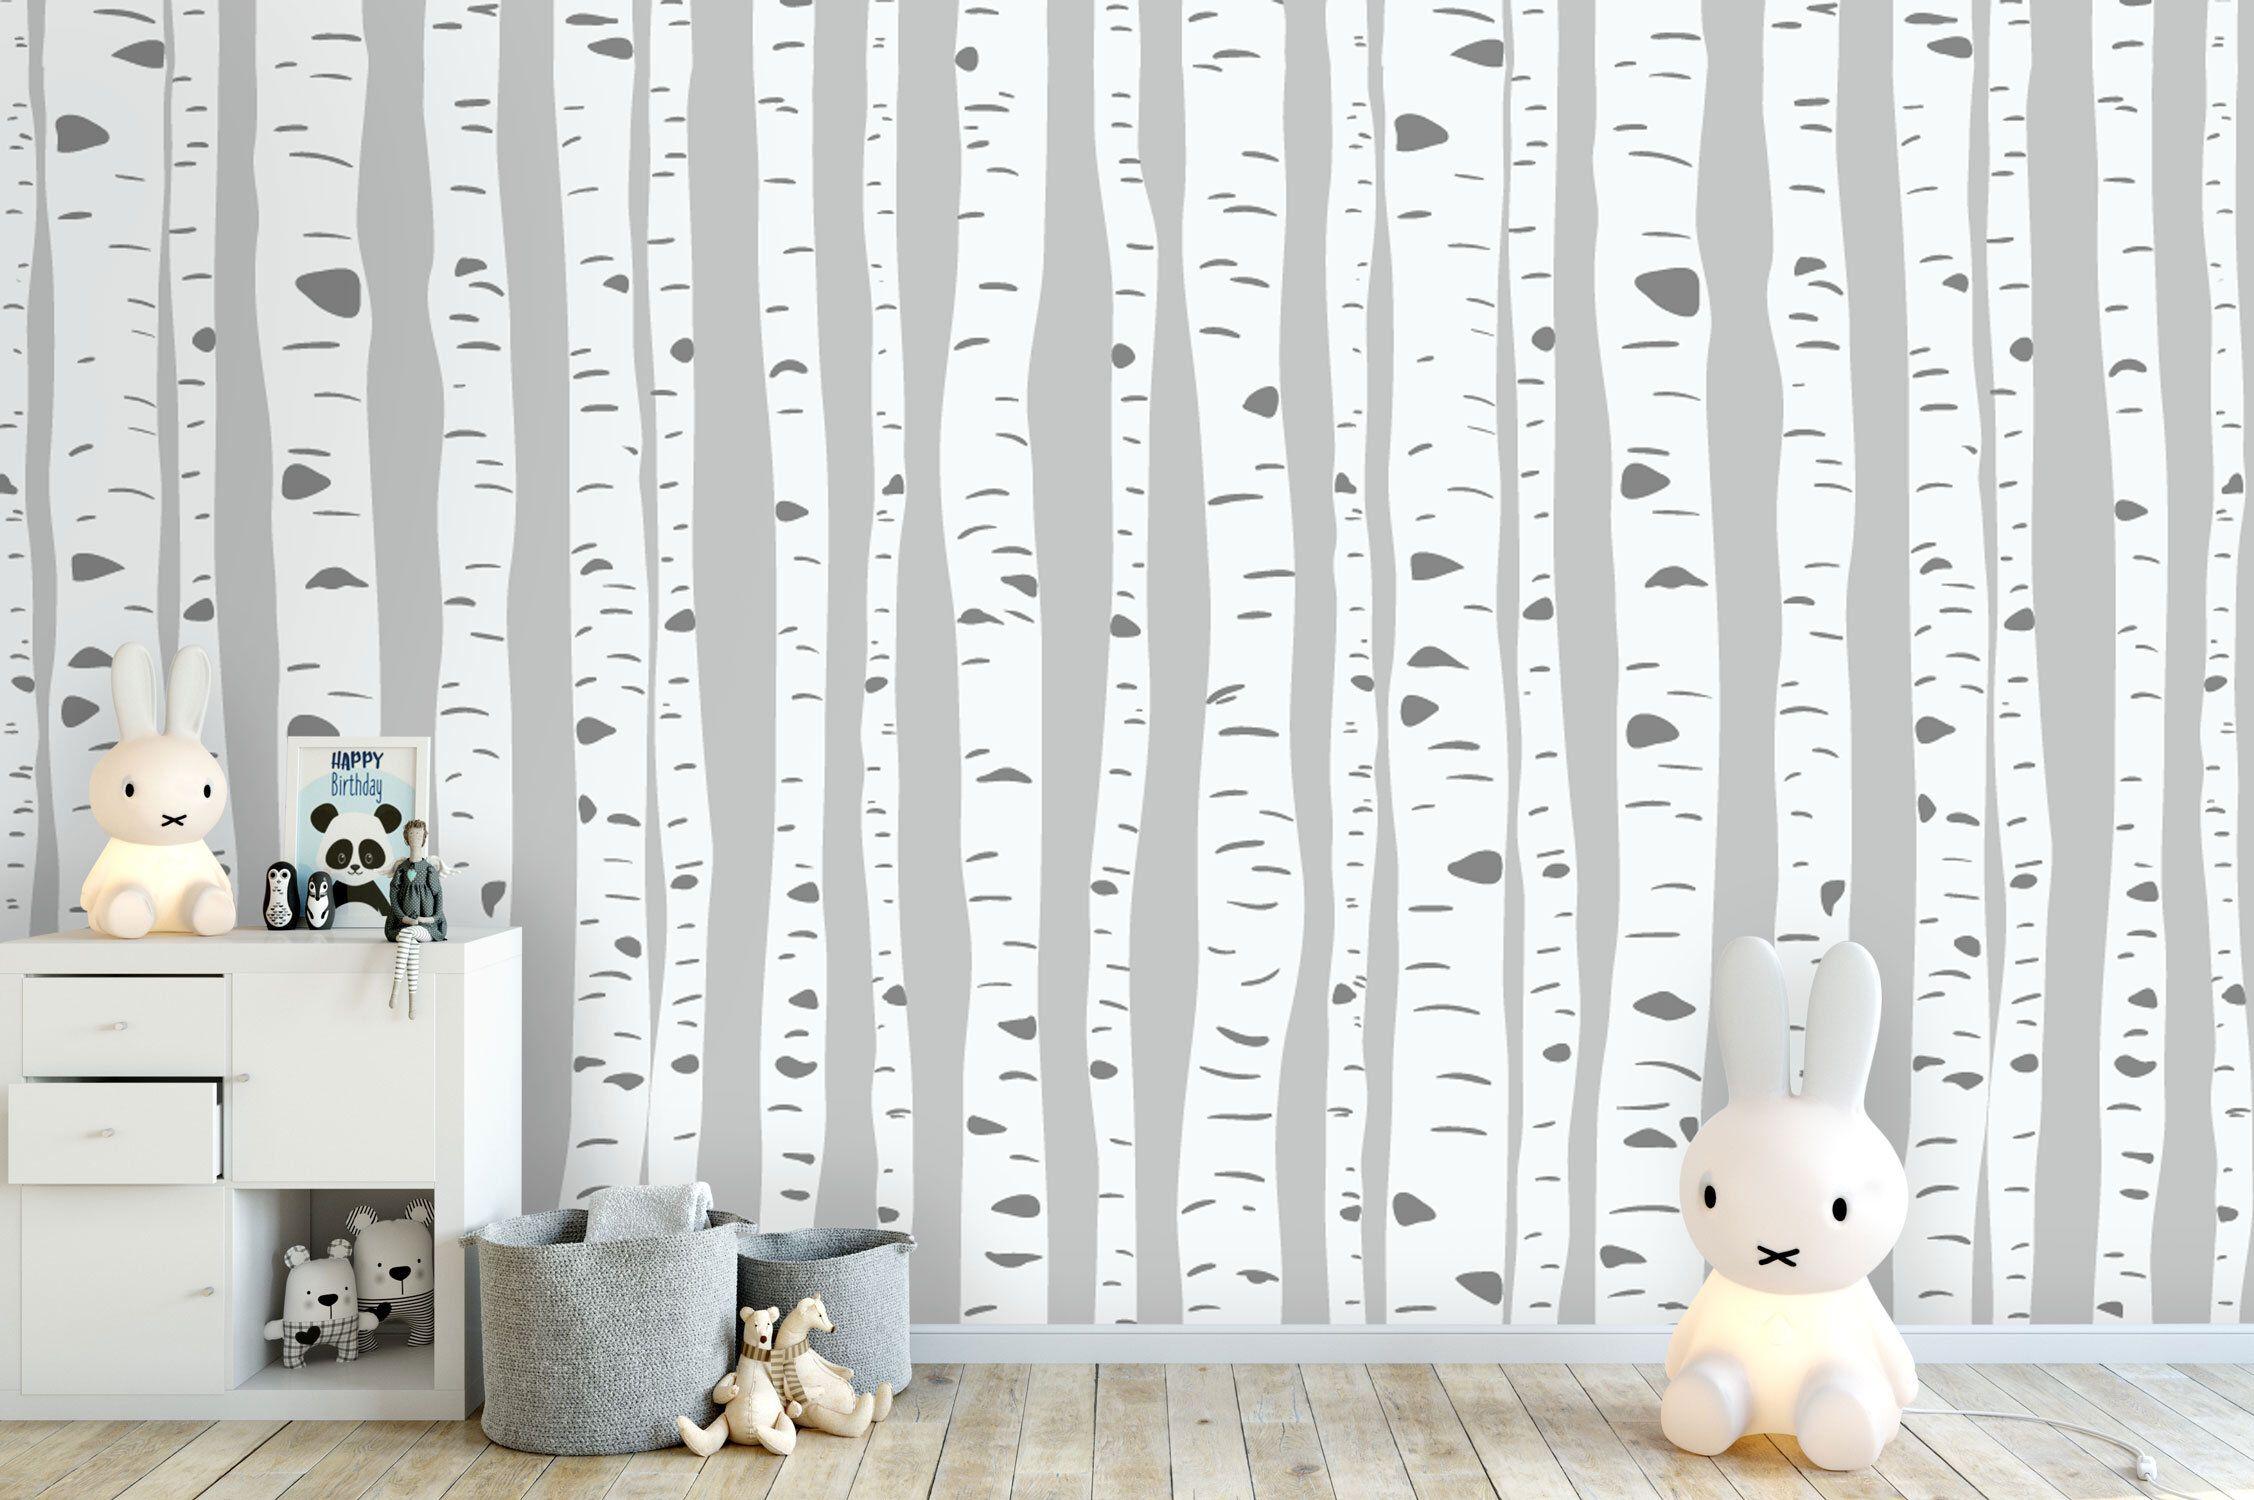 Fototapete Kinderzimmer Wald : tapete fototapete kinderzimmer babyzimmer birken ~ Watch28wear.com Haus und Dekorationen